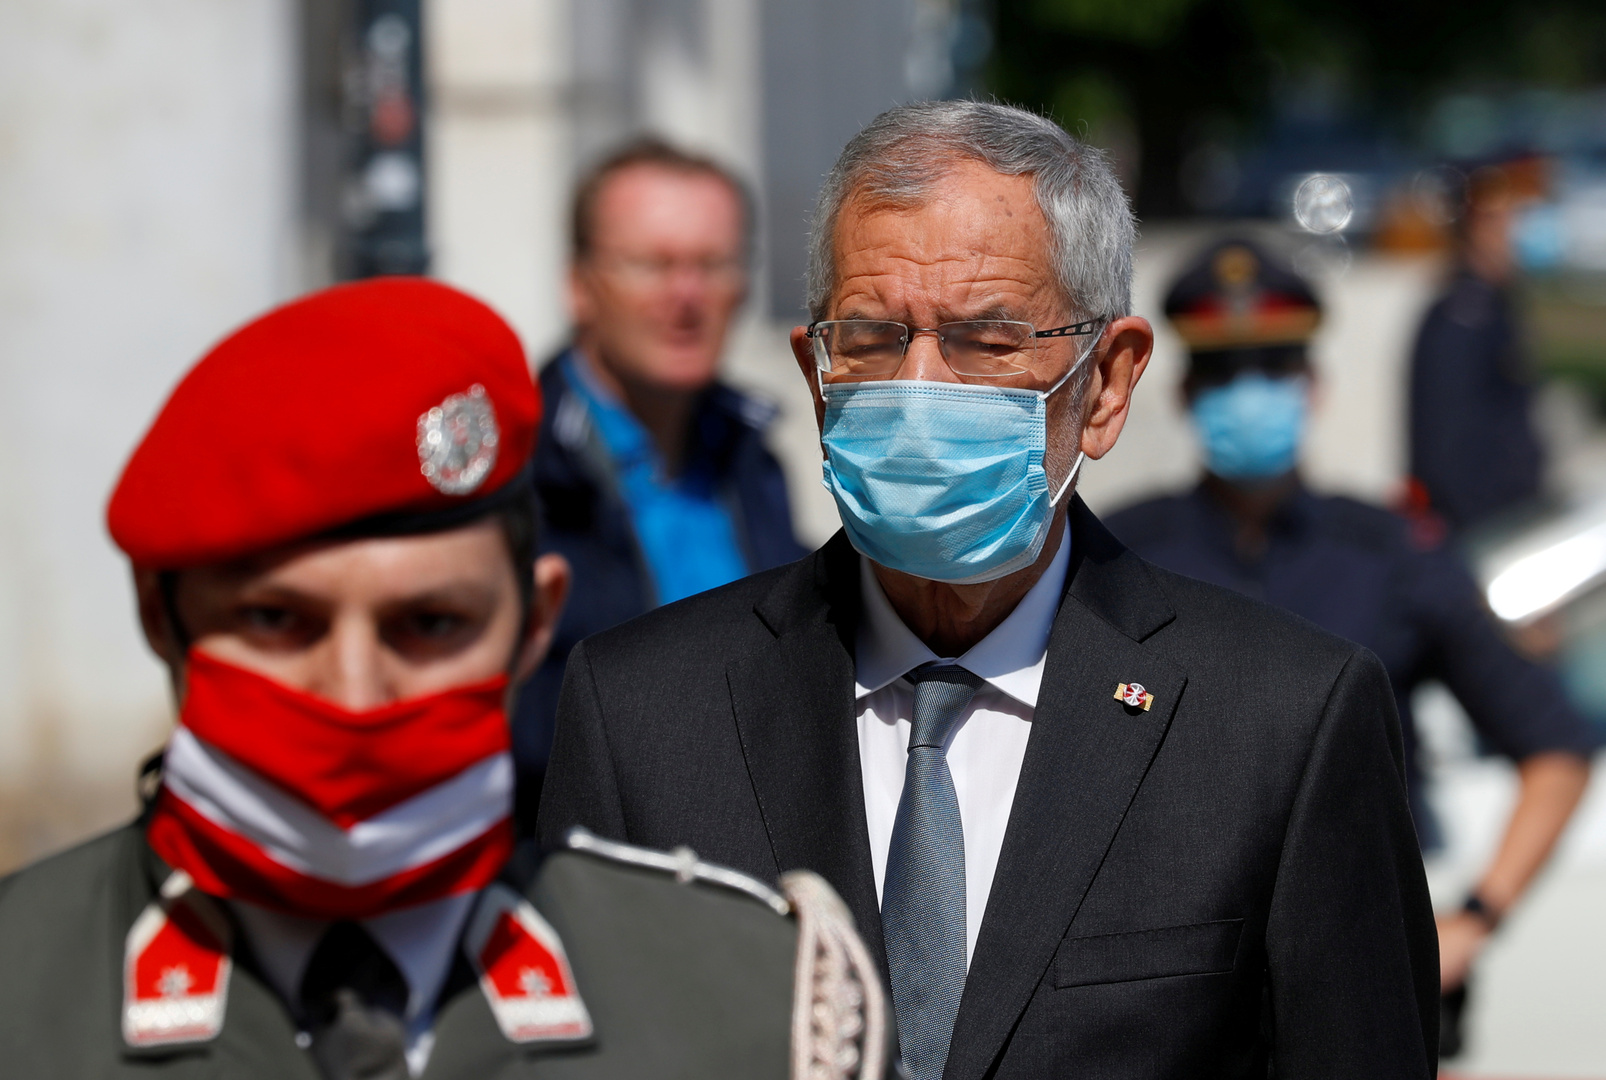 رئيس النمسا يعتذر عن مخالفته قيود كورونا ويتعهد بدفع الغرامة